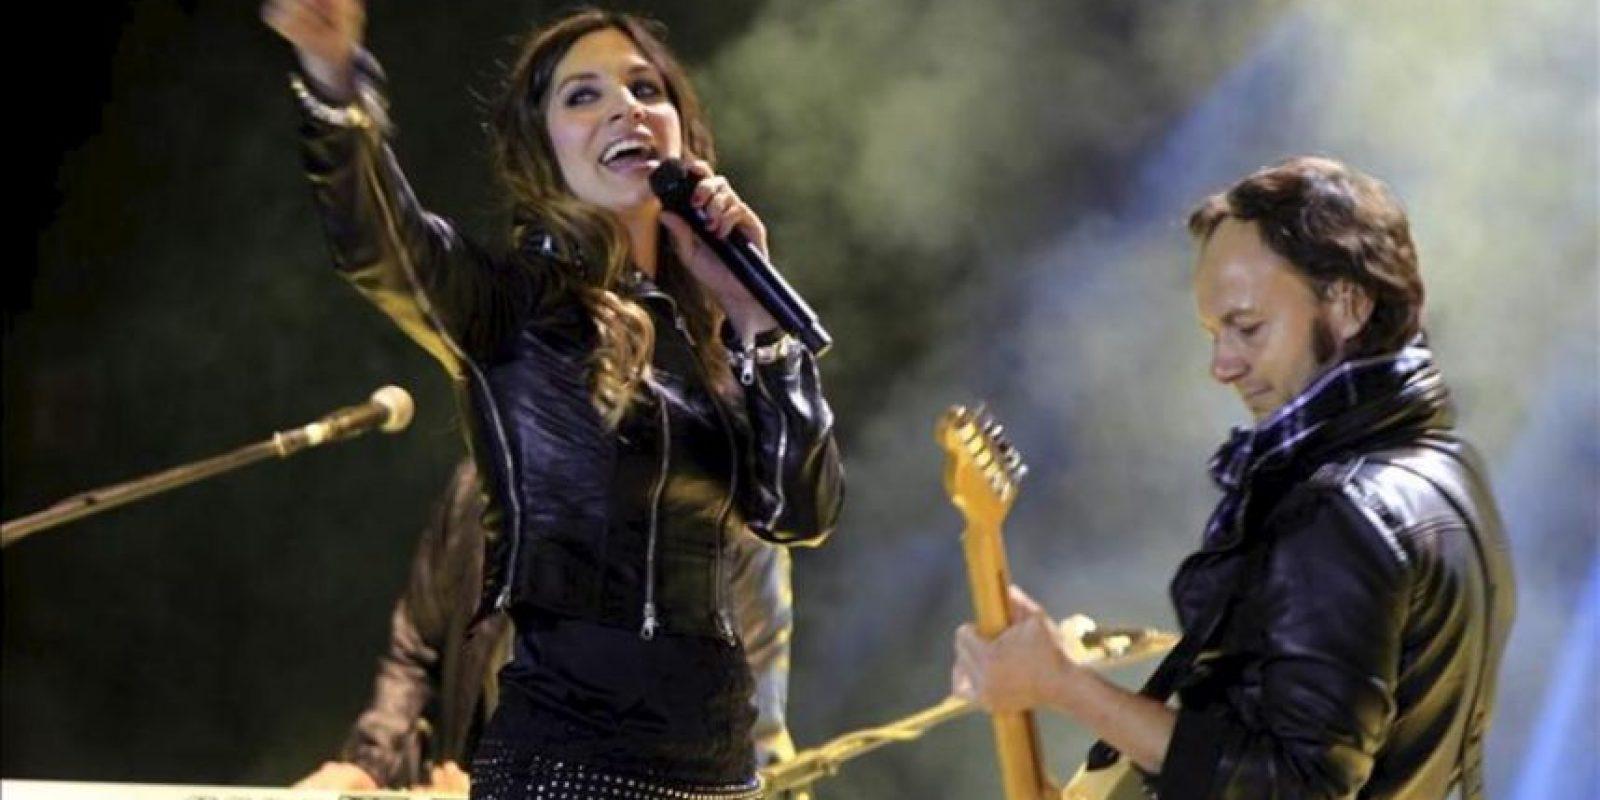 """El grupo español La Oreja de Van Gogh se presenta en concierto en Quito, como parte de su gira """"Cometas por el cielo"""". EFE"""